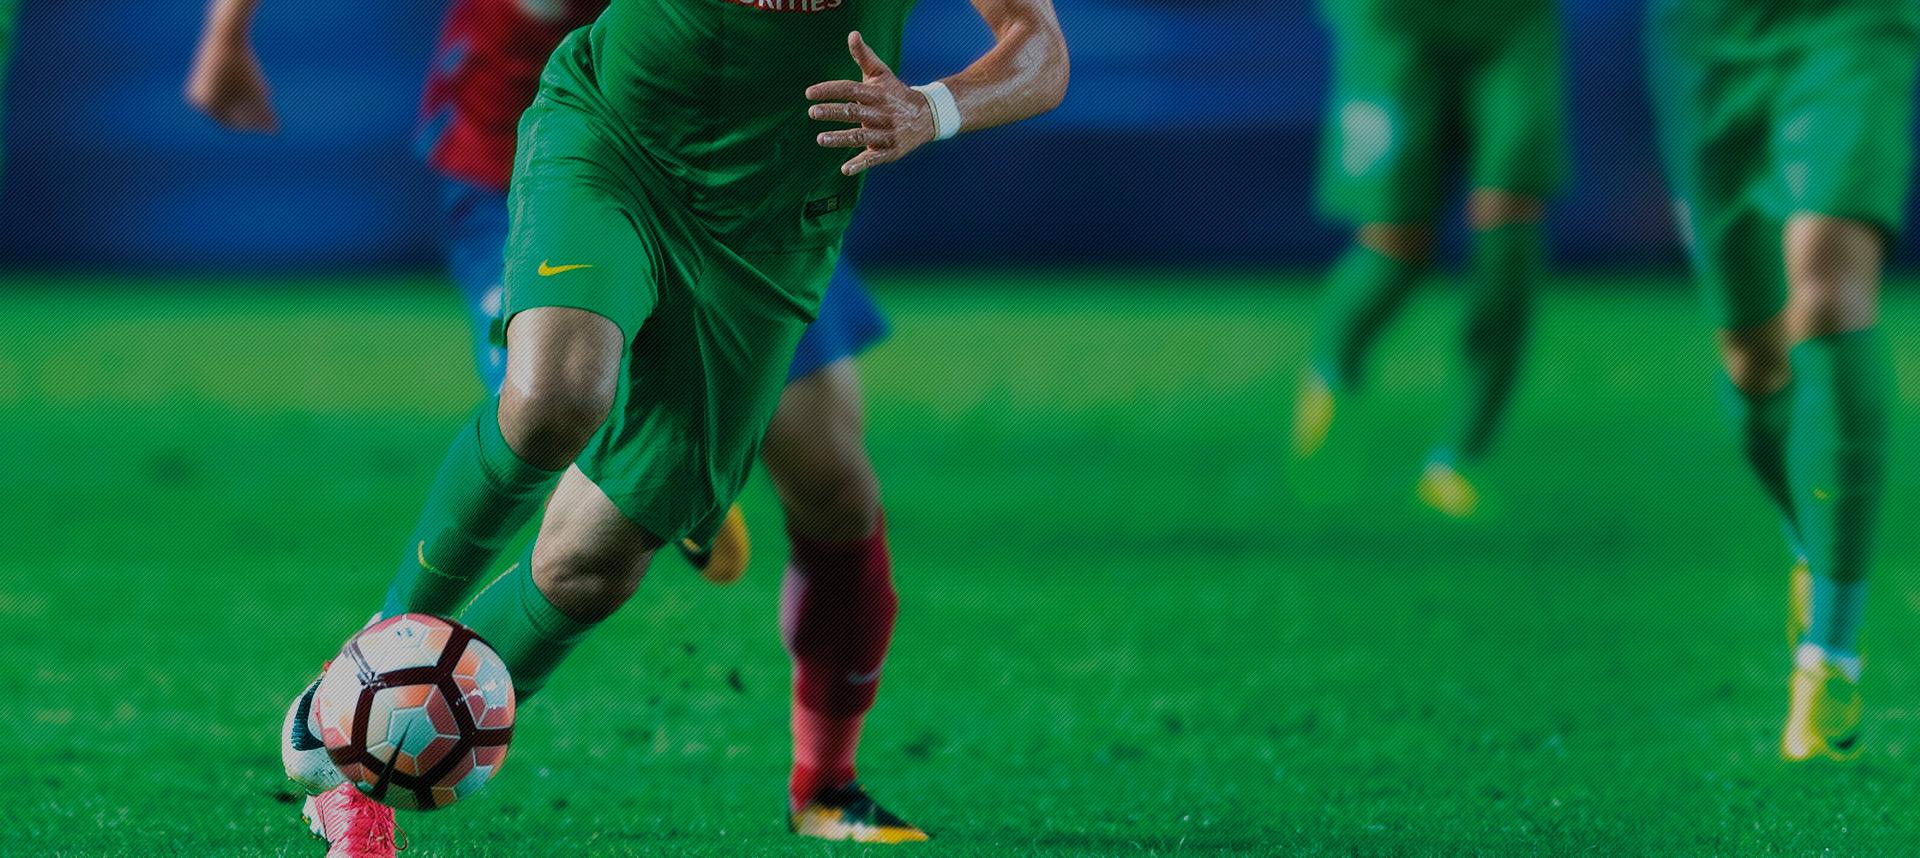 北京中赫国安足球俱乐部官方网站_桂林空难